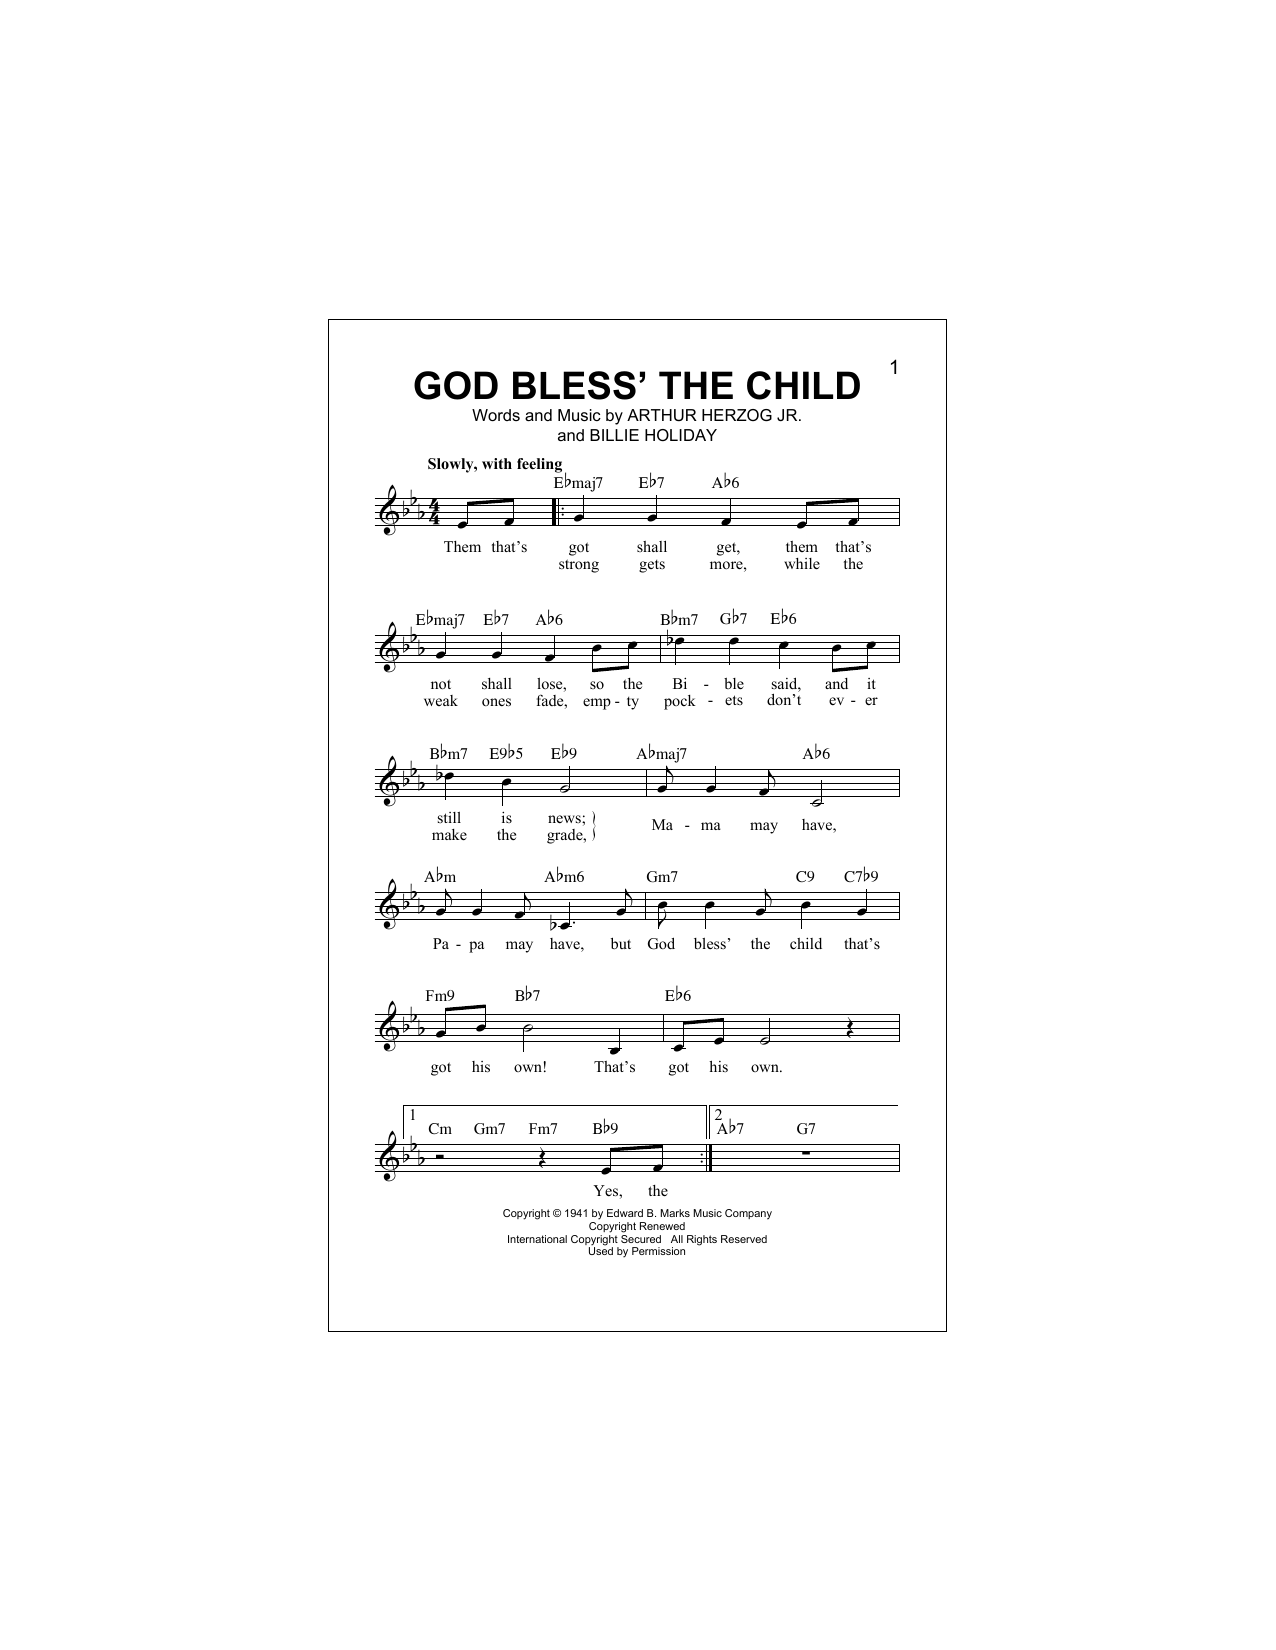 God Bless' The Child Sheet Music